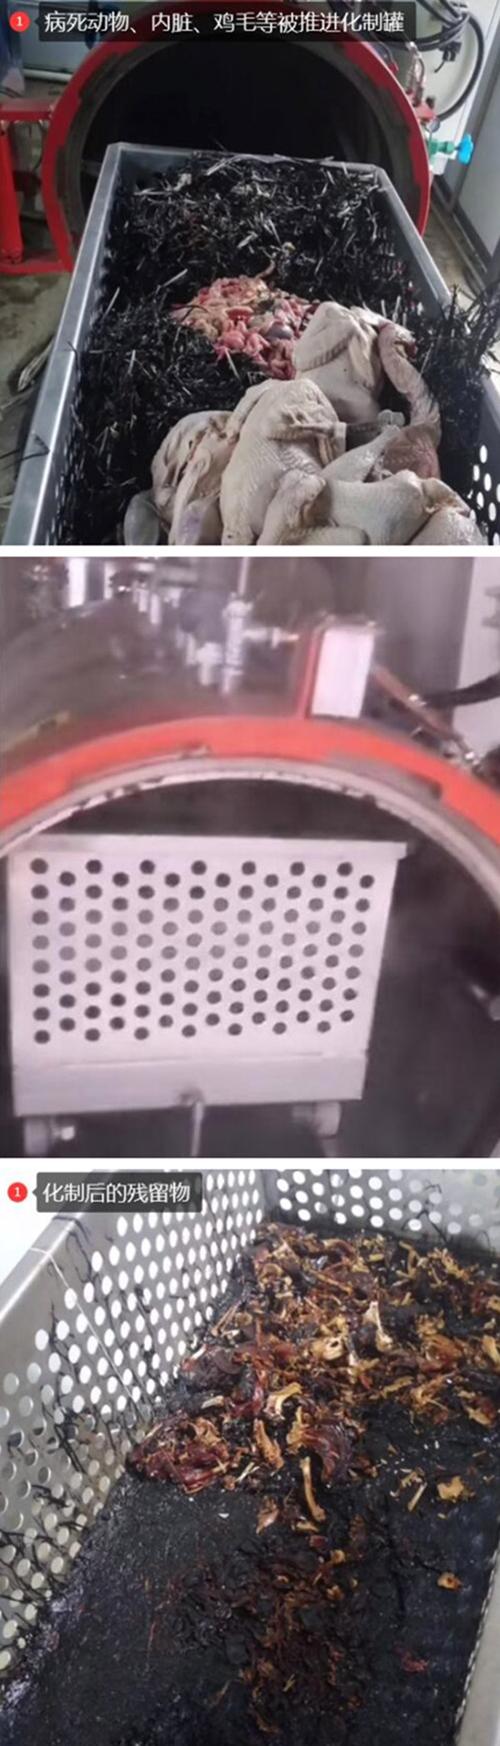 湿化机处理流程